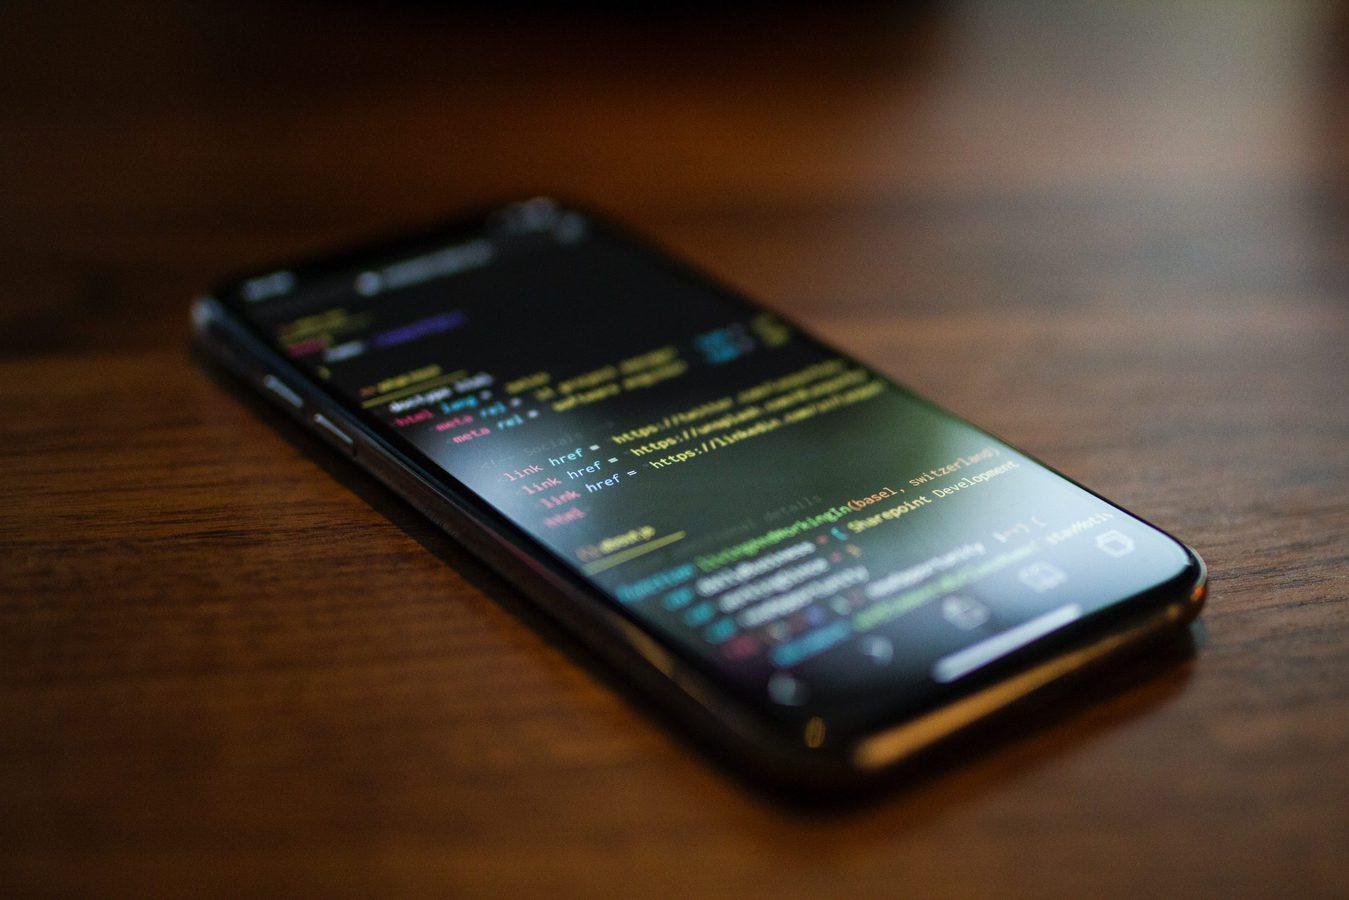 Celular mostrando código href